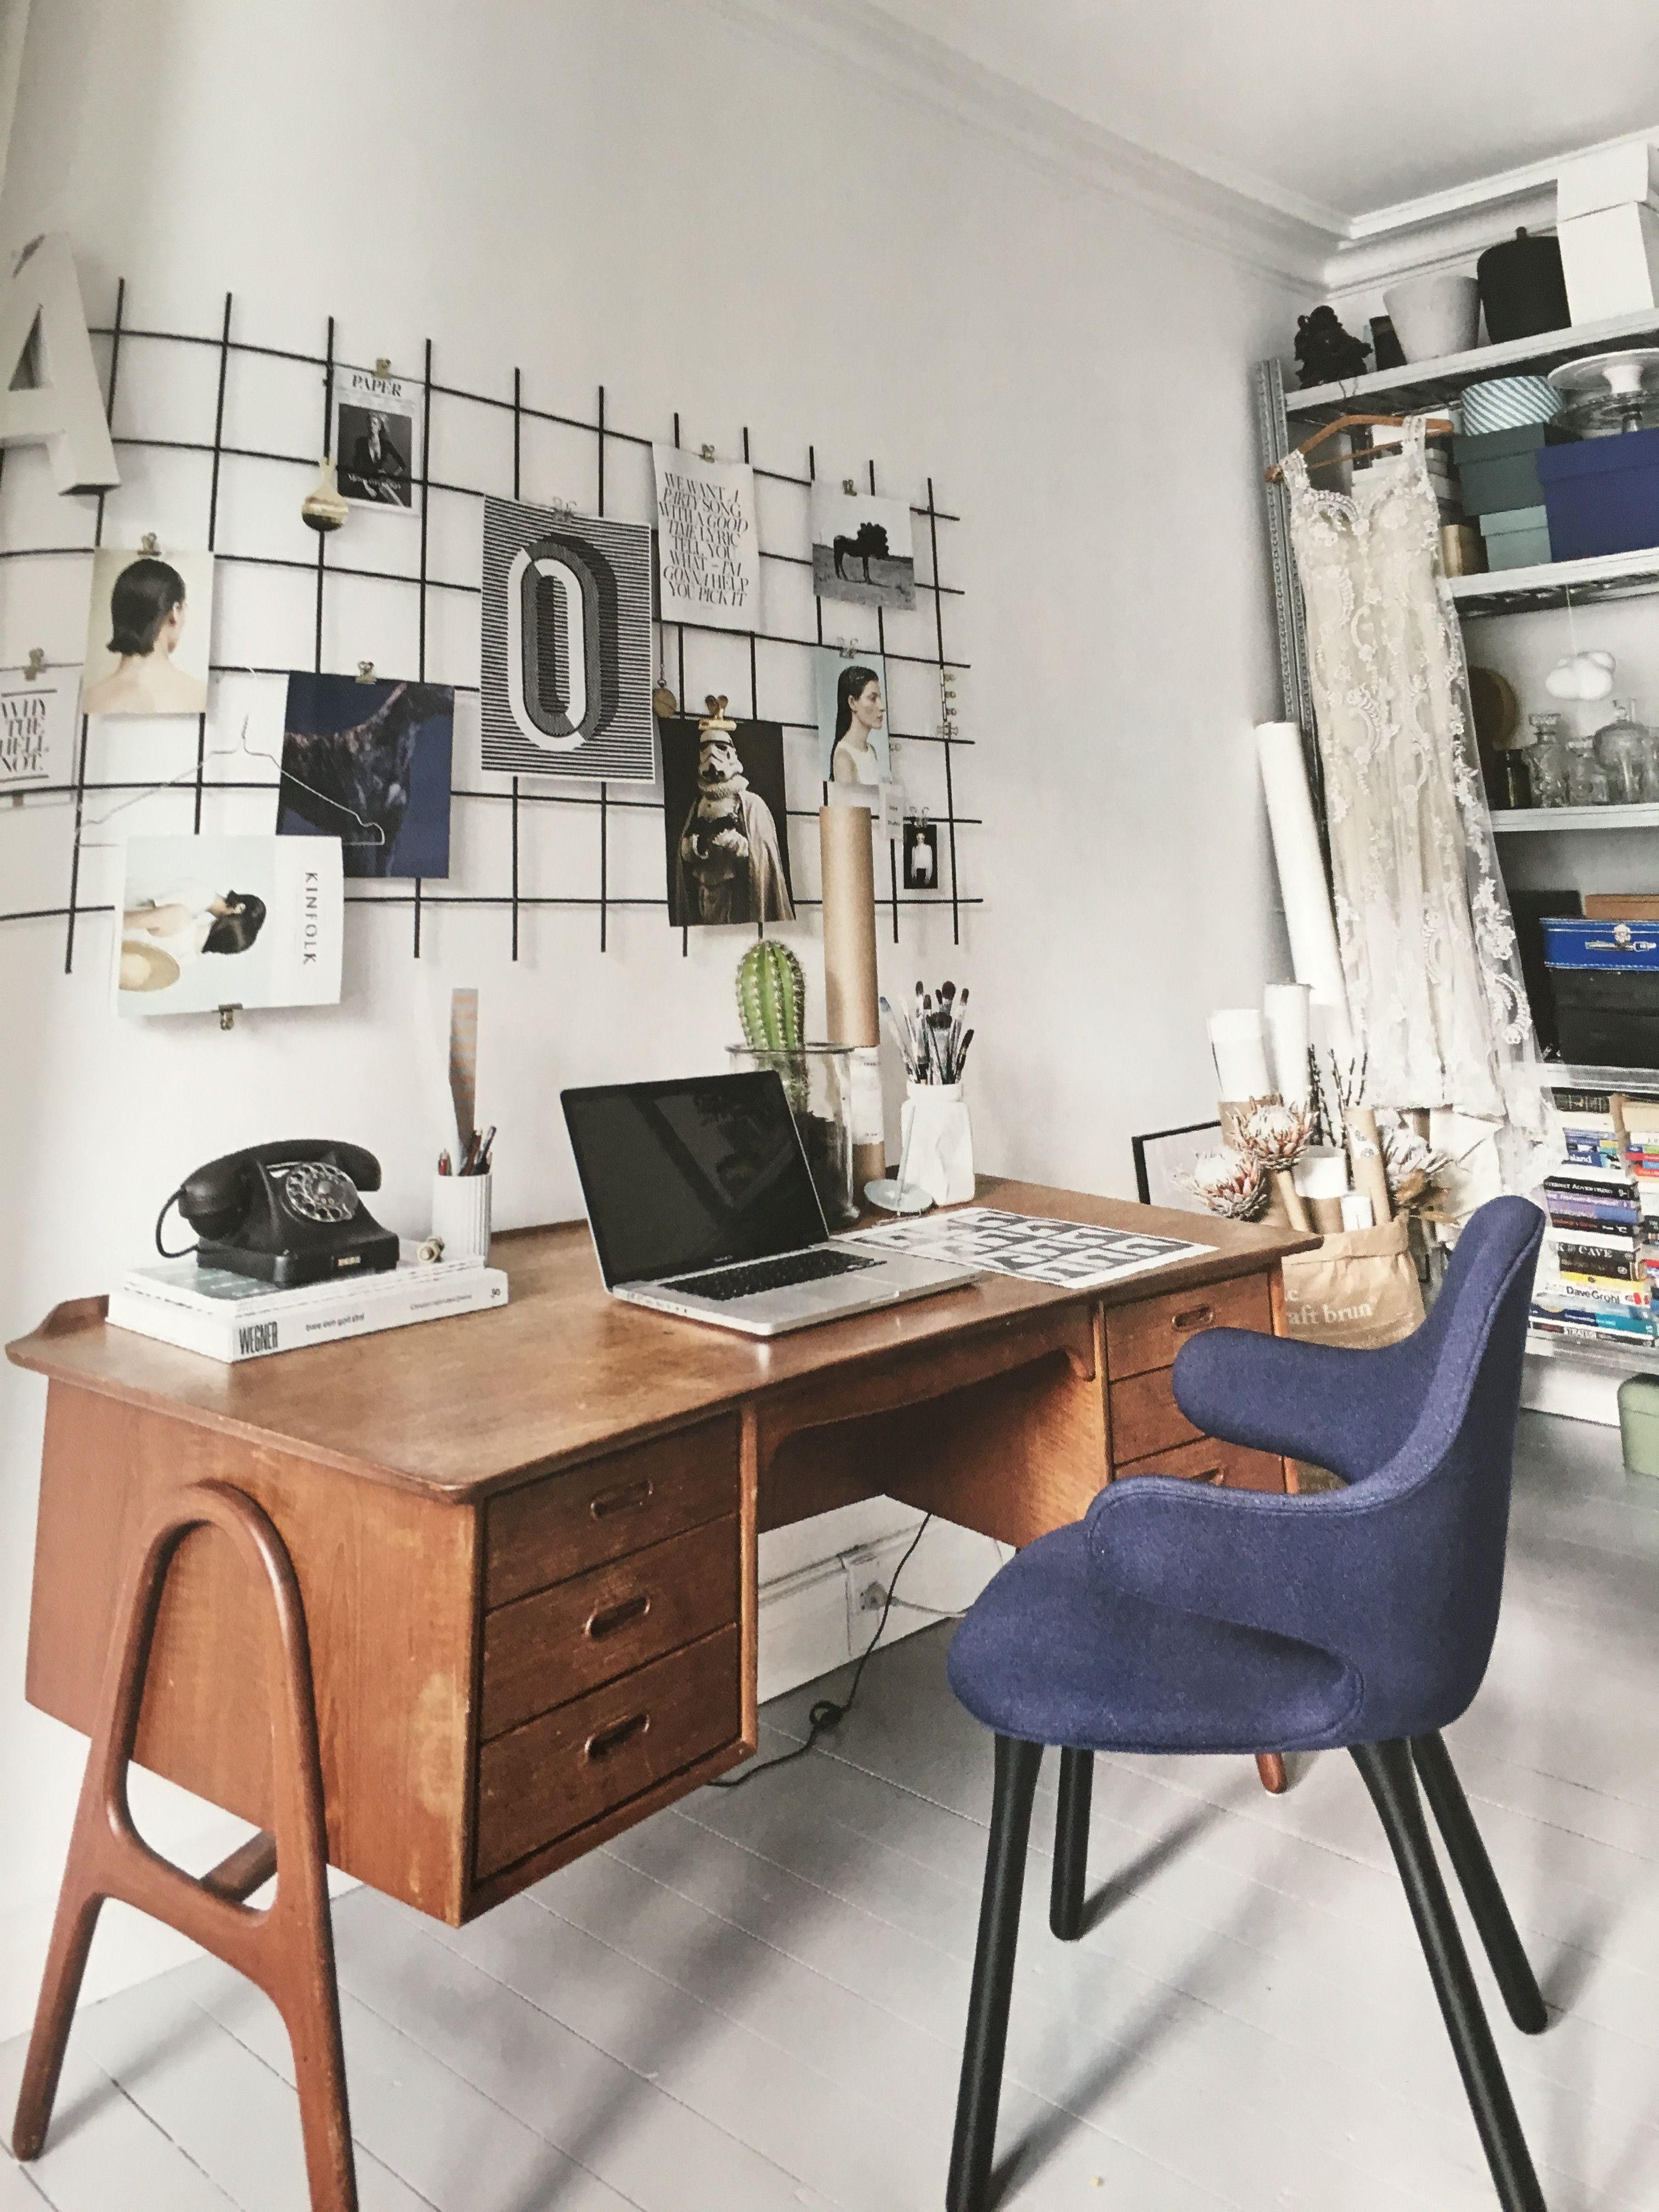 Pin von Cody Painter auf Design | Pinterest | Büros und Wohnen